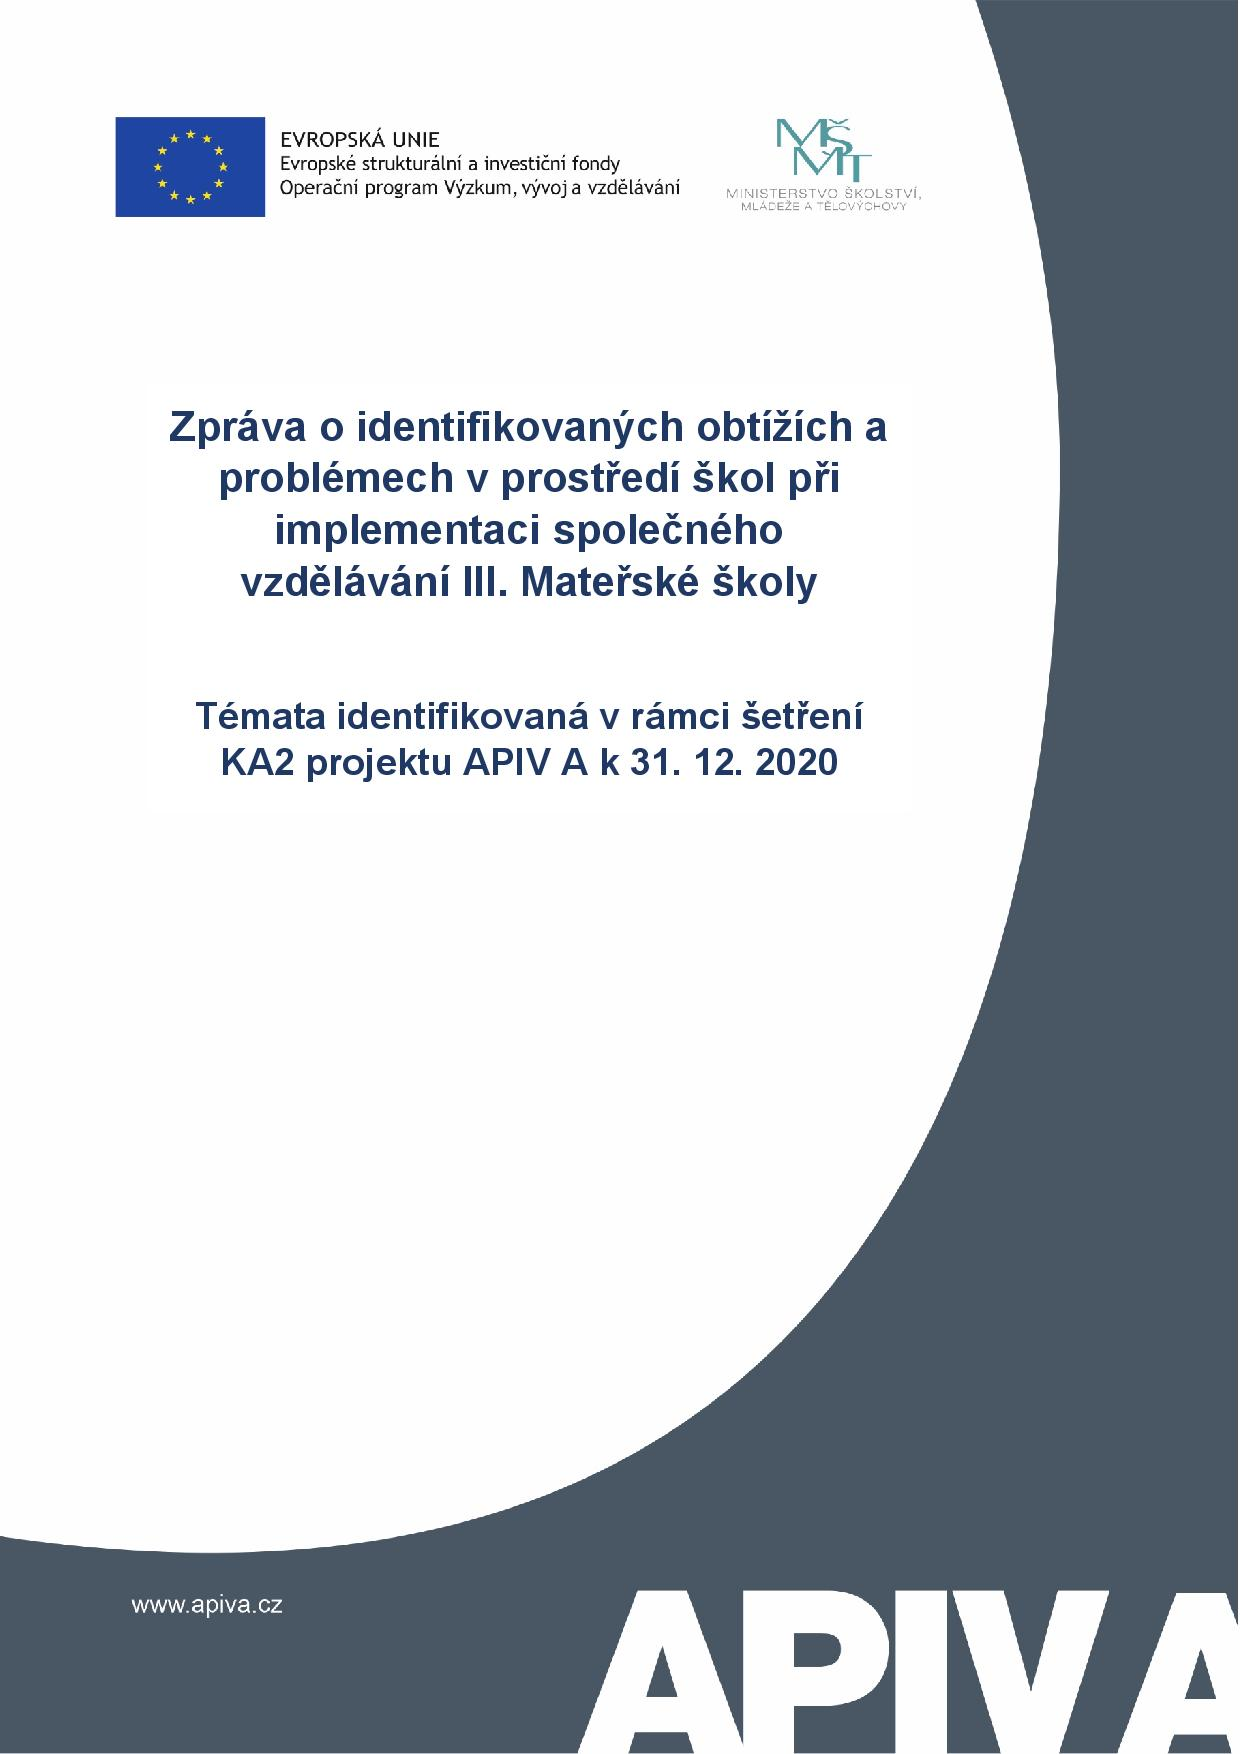 Zpráva o identifikovaných obtížích a problémech v prostředí škol při implementaci společného vzdělávání III. Mateřské školy